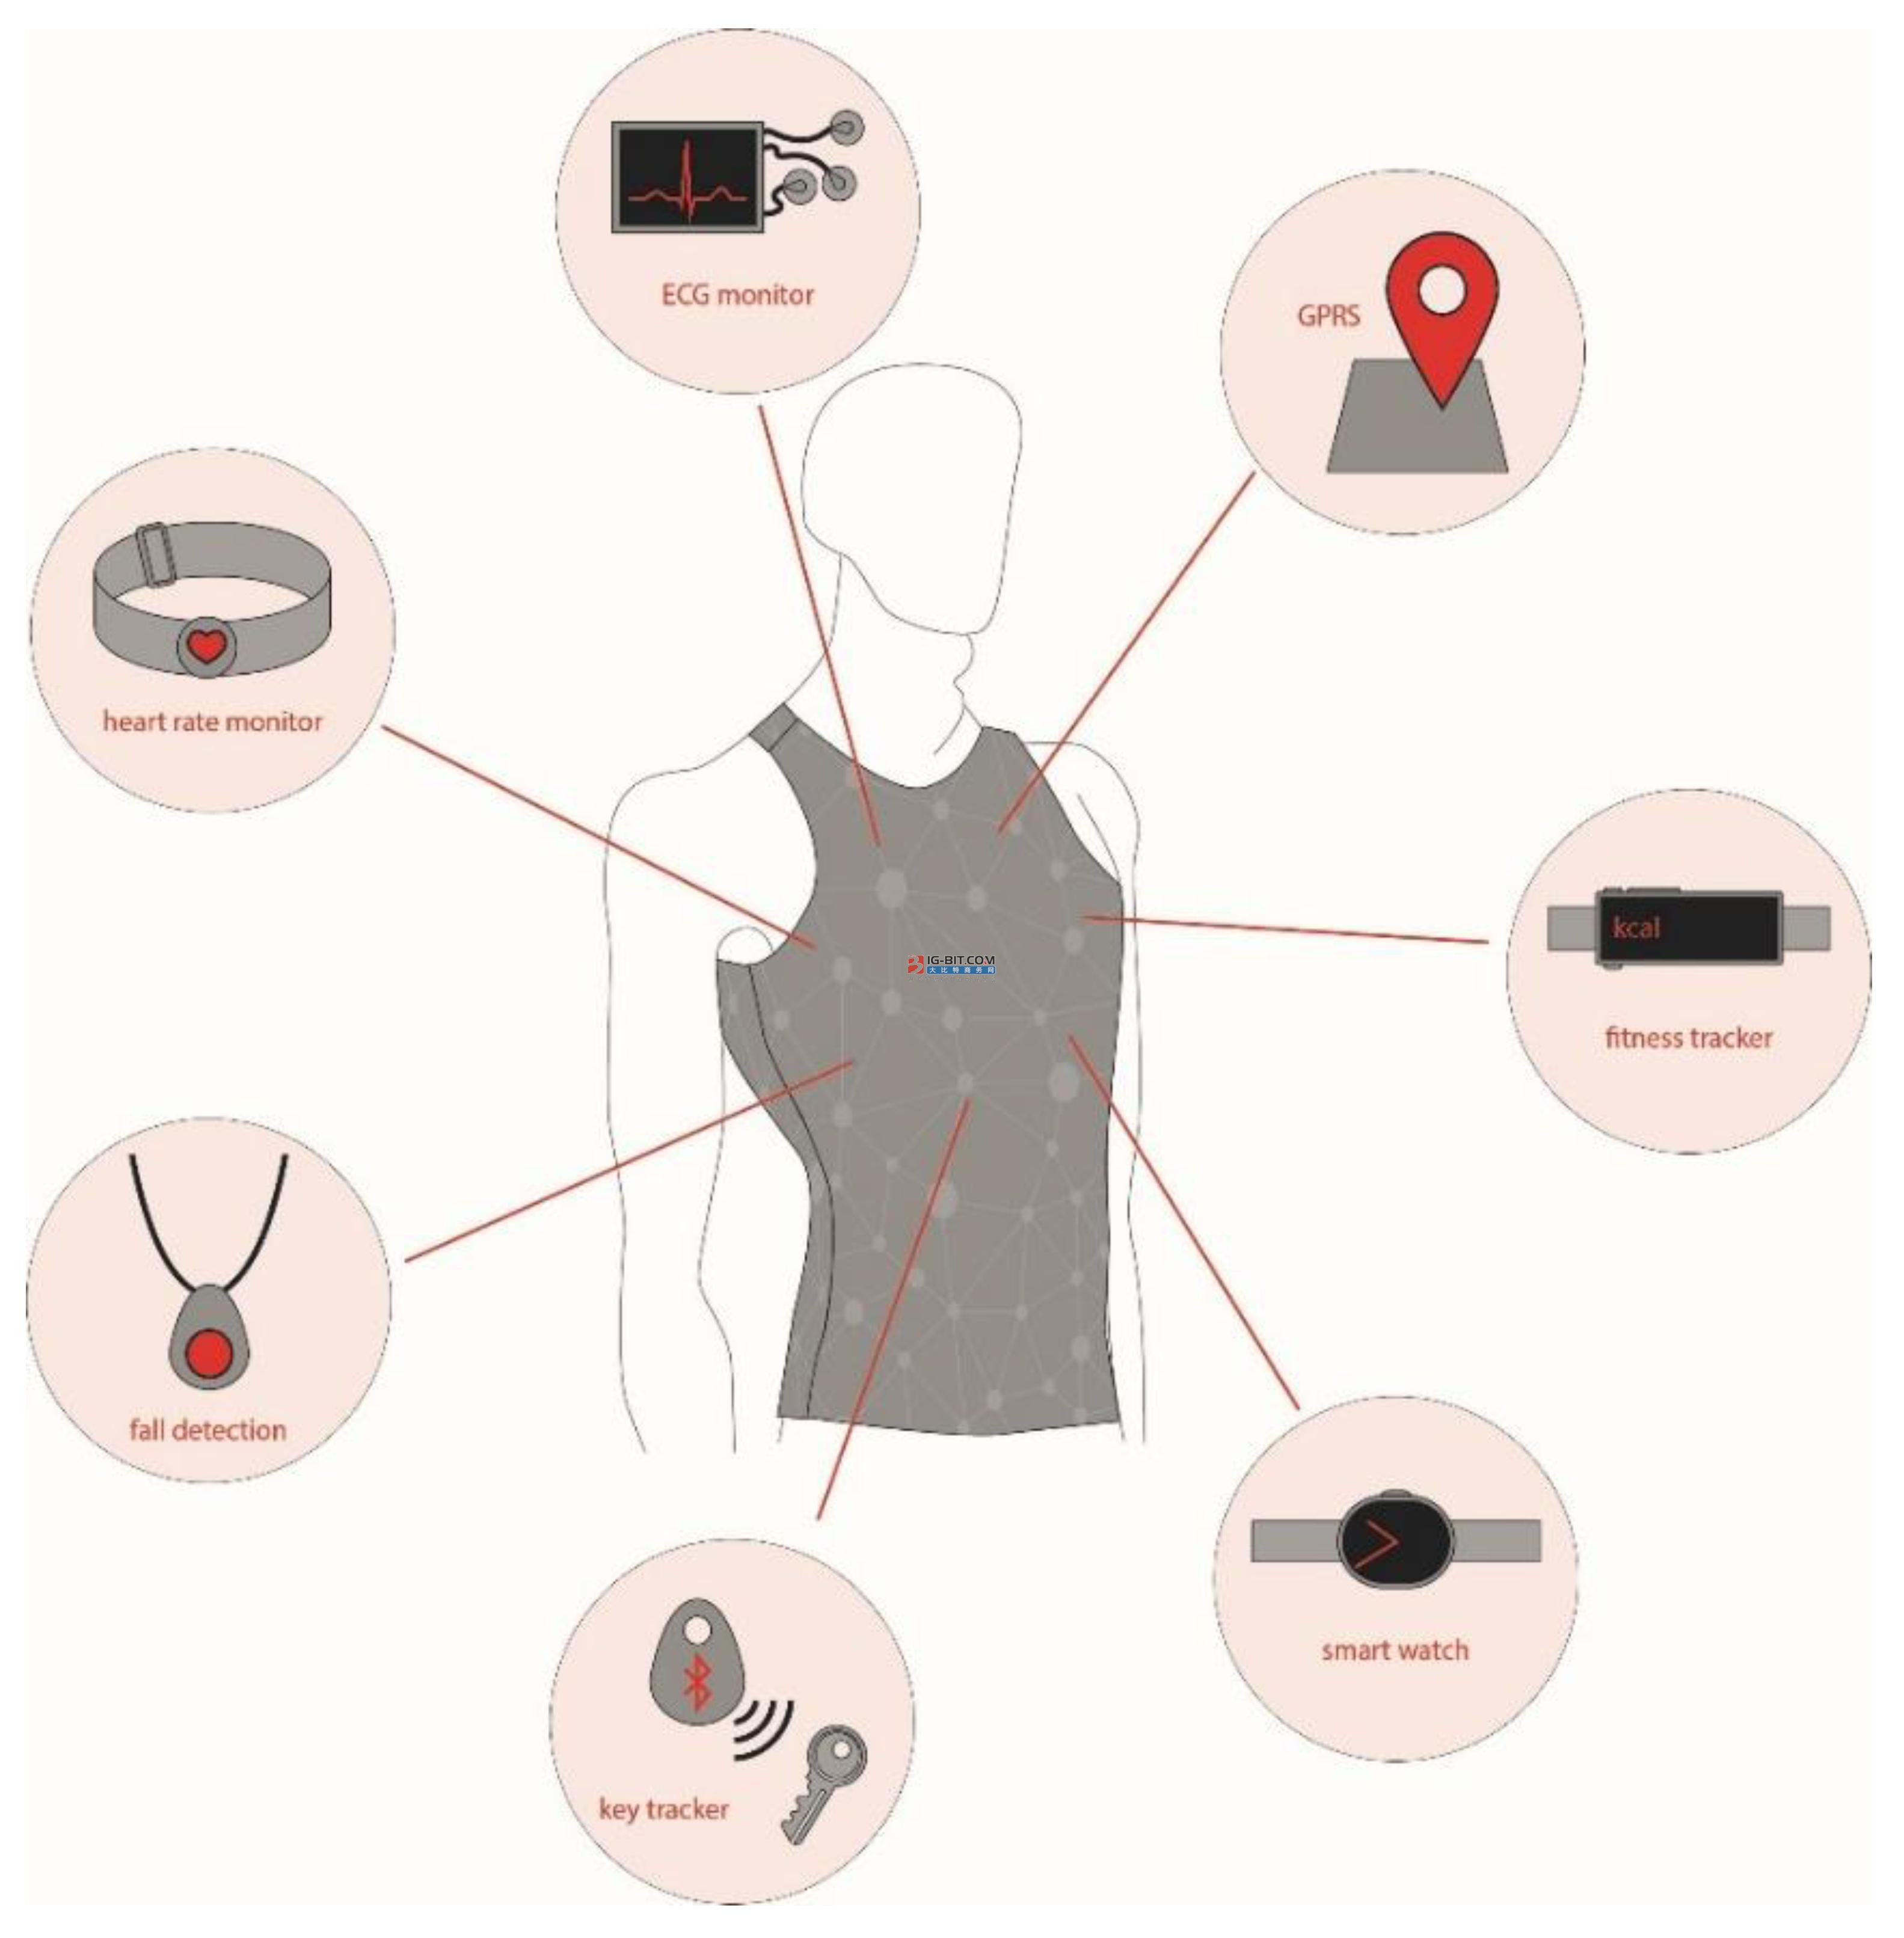 """爱邦智能科技:解决智能监护设备""""穿""""的问题,推出医疗级柔性智能心电监护服"""